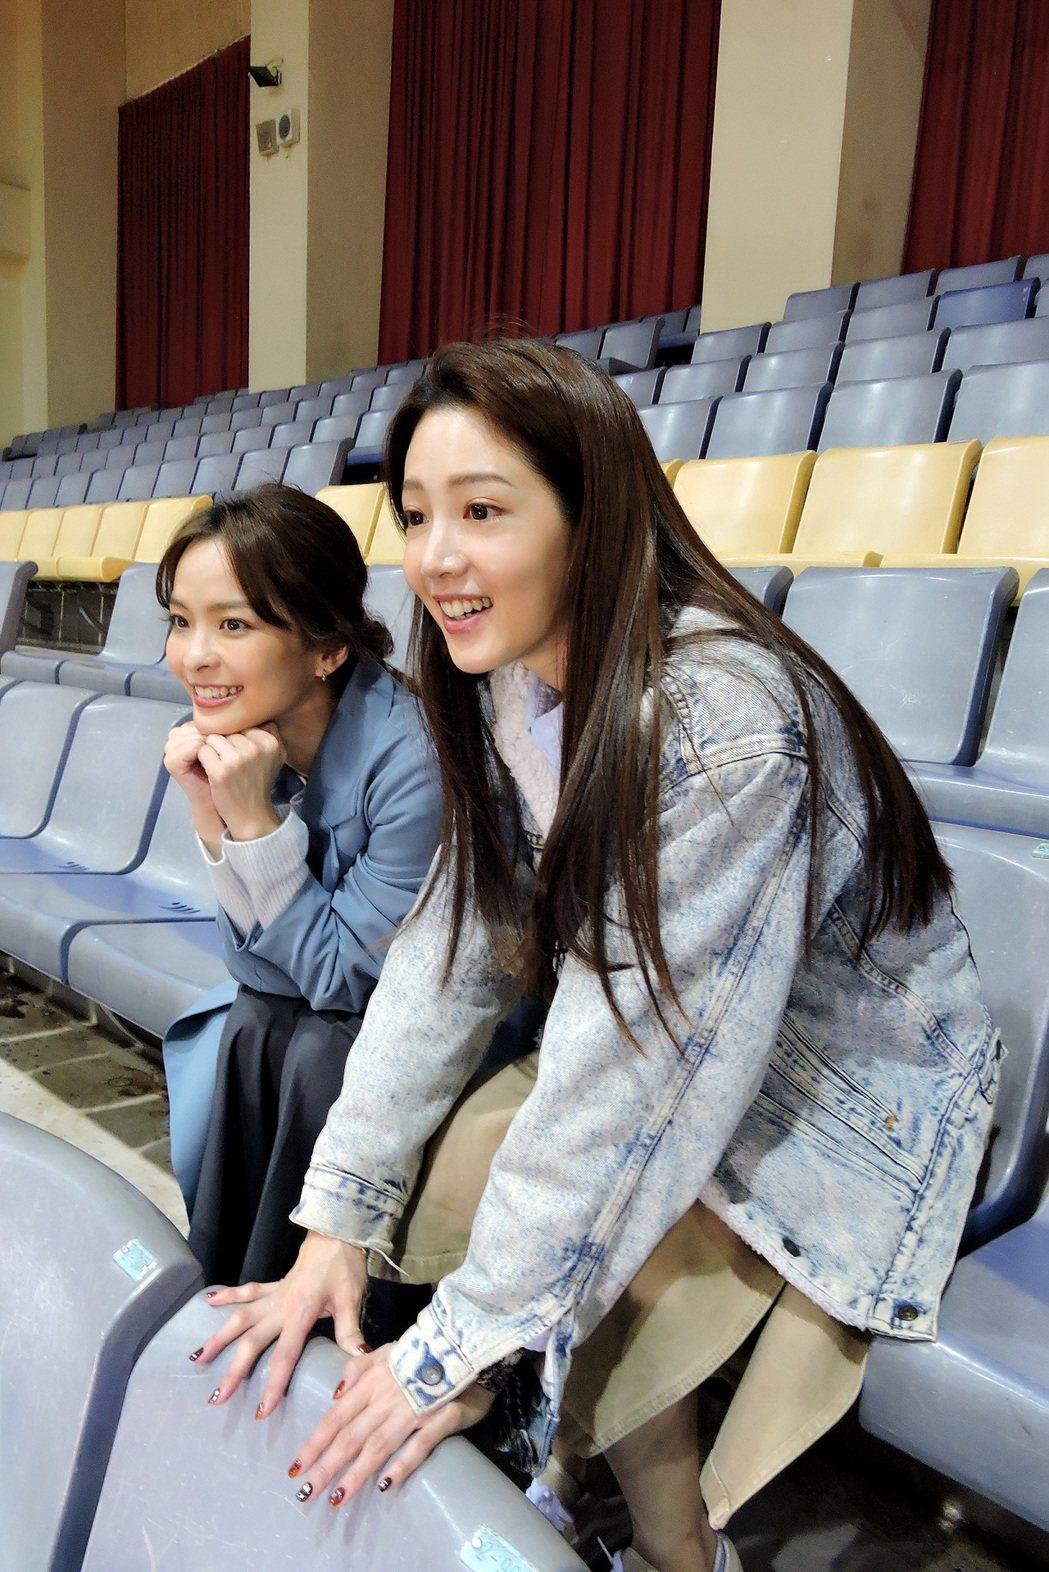 黃薇渟(右)、葉星辰赴「全明星運動會」探班,現場觀賽。圖/東森提供